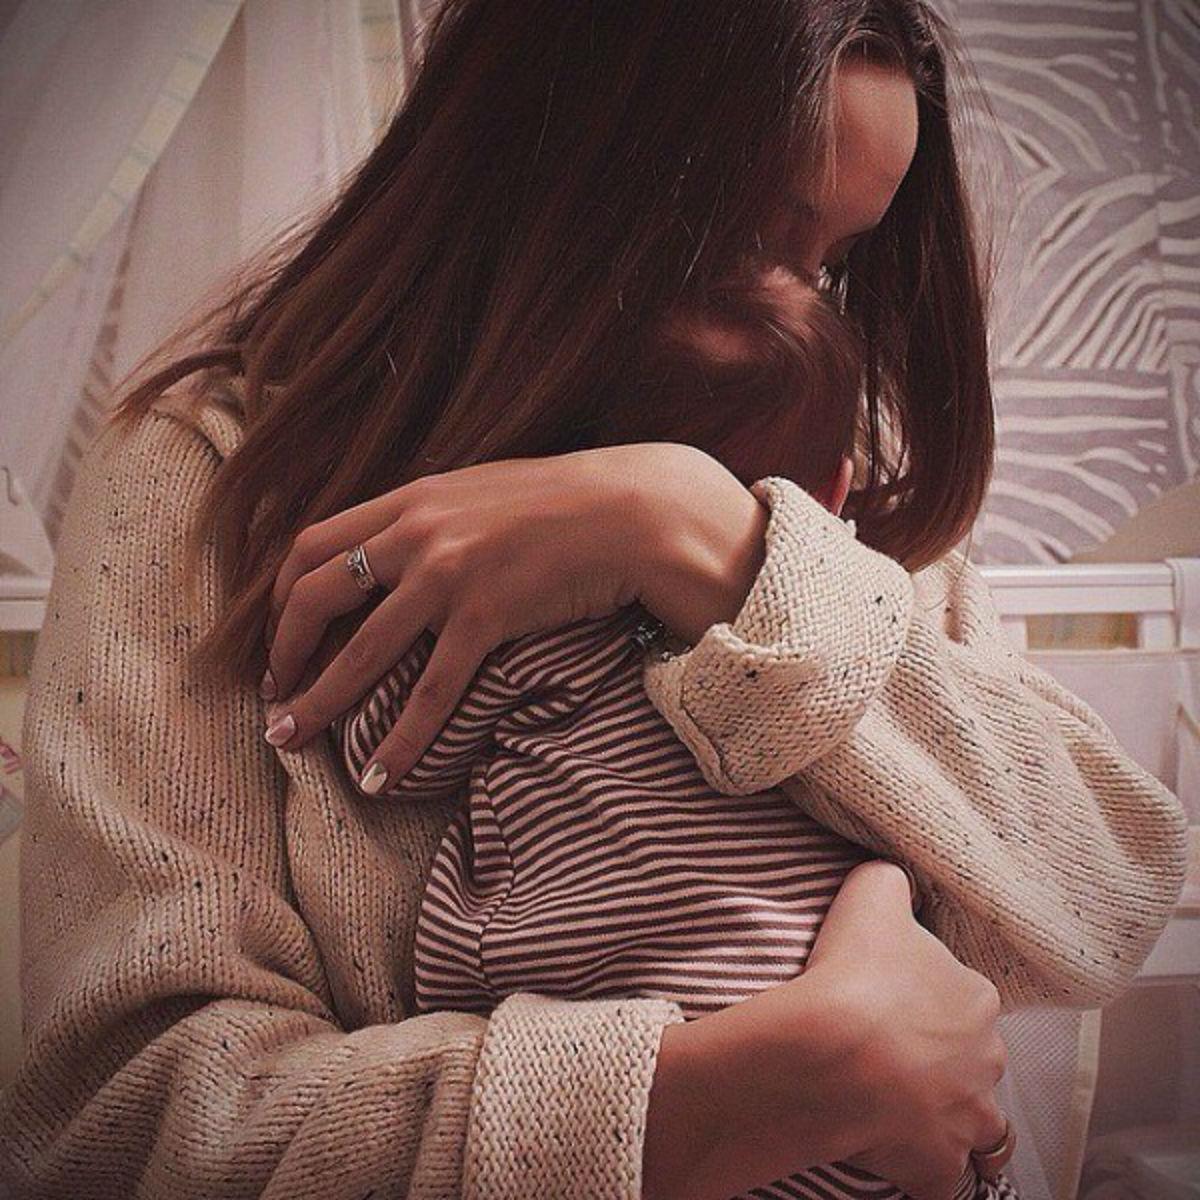 Мой любимый оставил меня, узнав, что я беременна… Мама сказала: «Уходи. Пущу обратно, если сделаешь аборт…» Я не сломалась